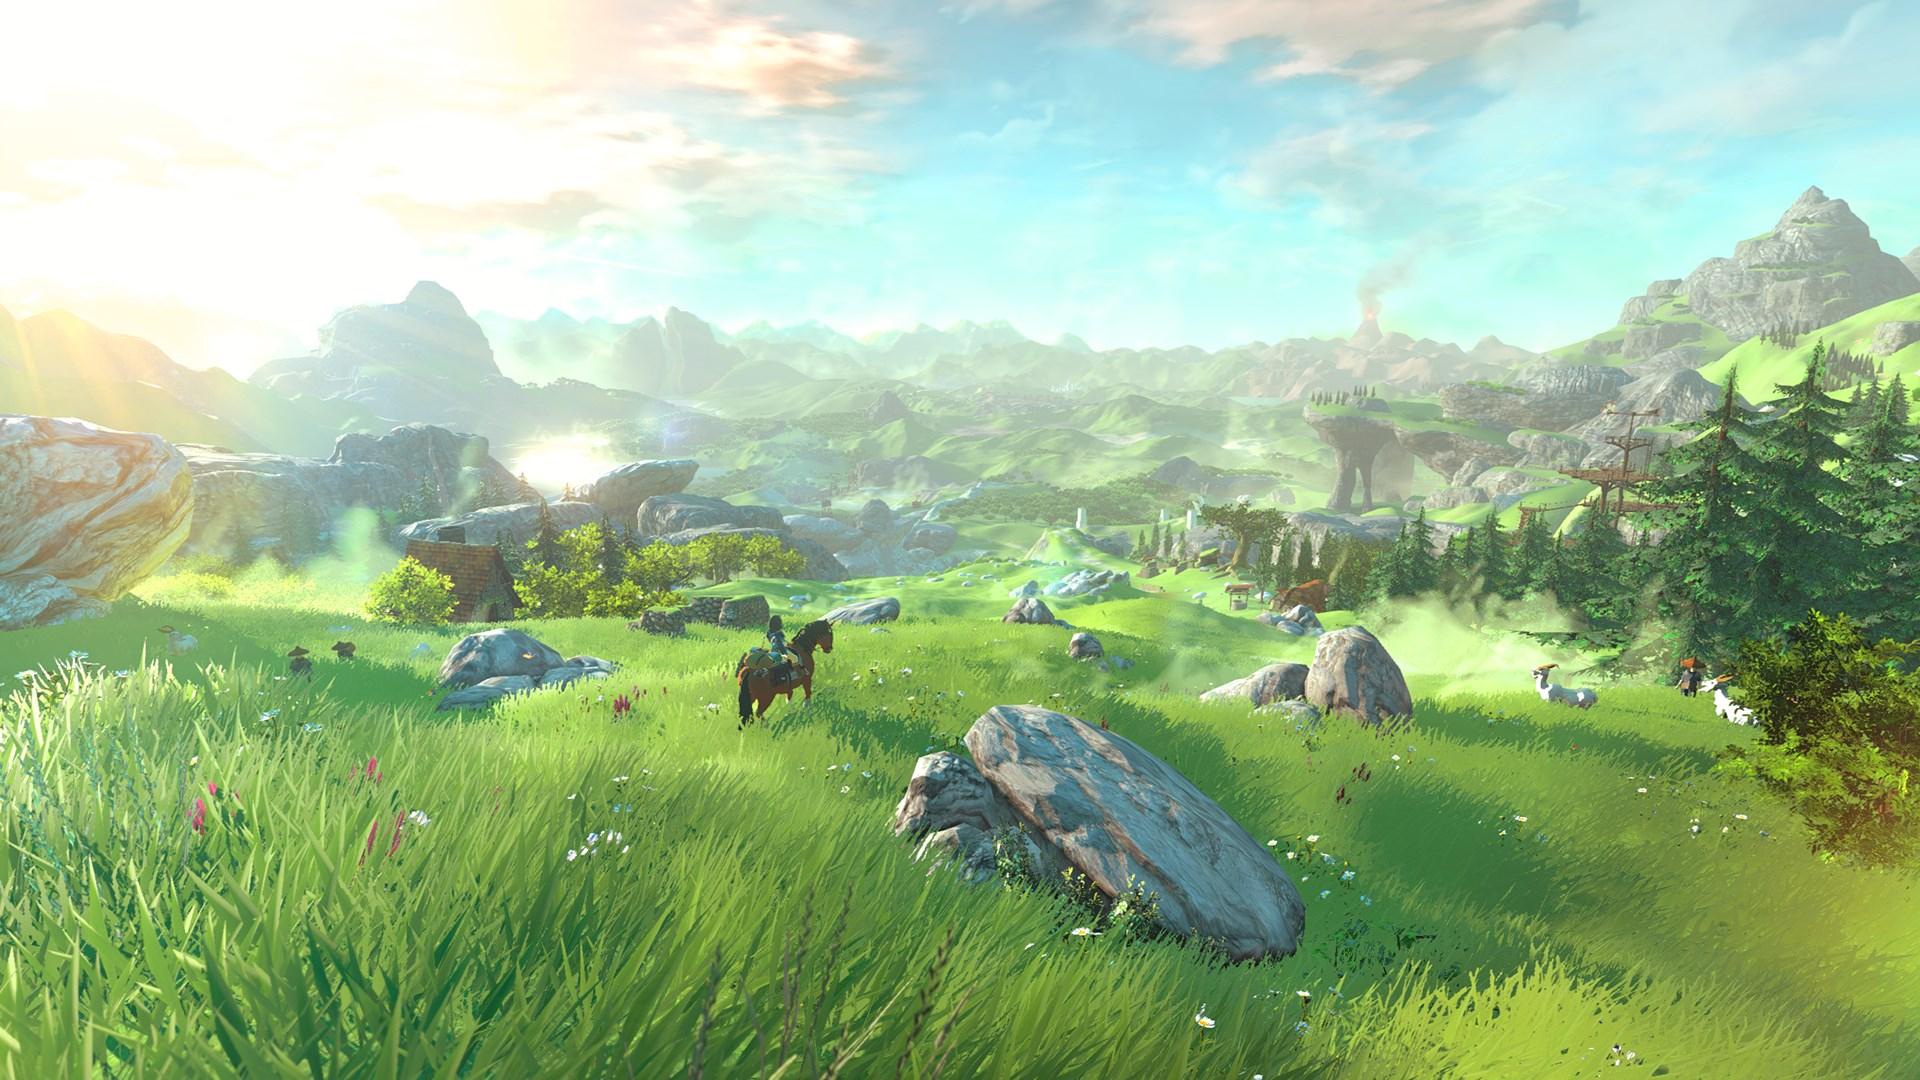 Legend Of Zelda Wii U HD Wallpapers Backgrounds 1920x1080